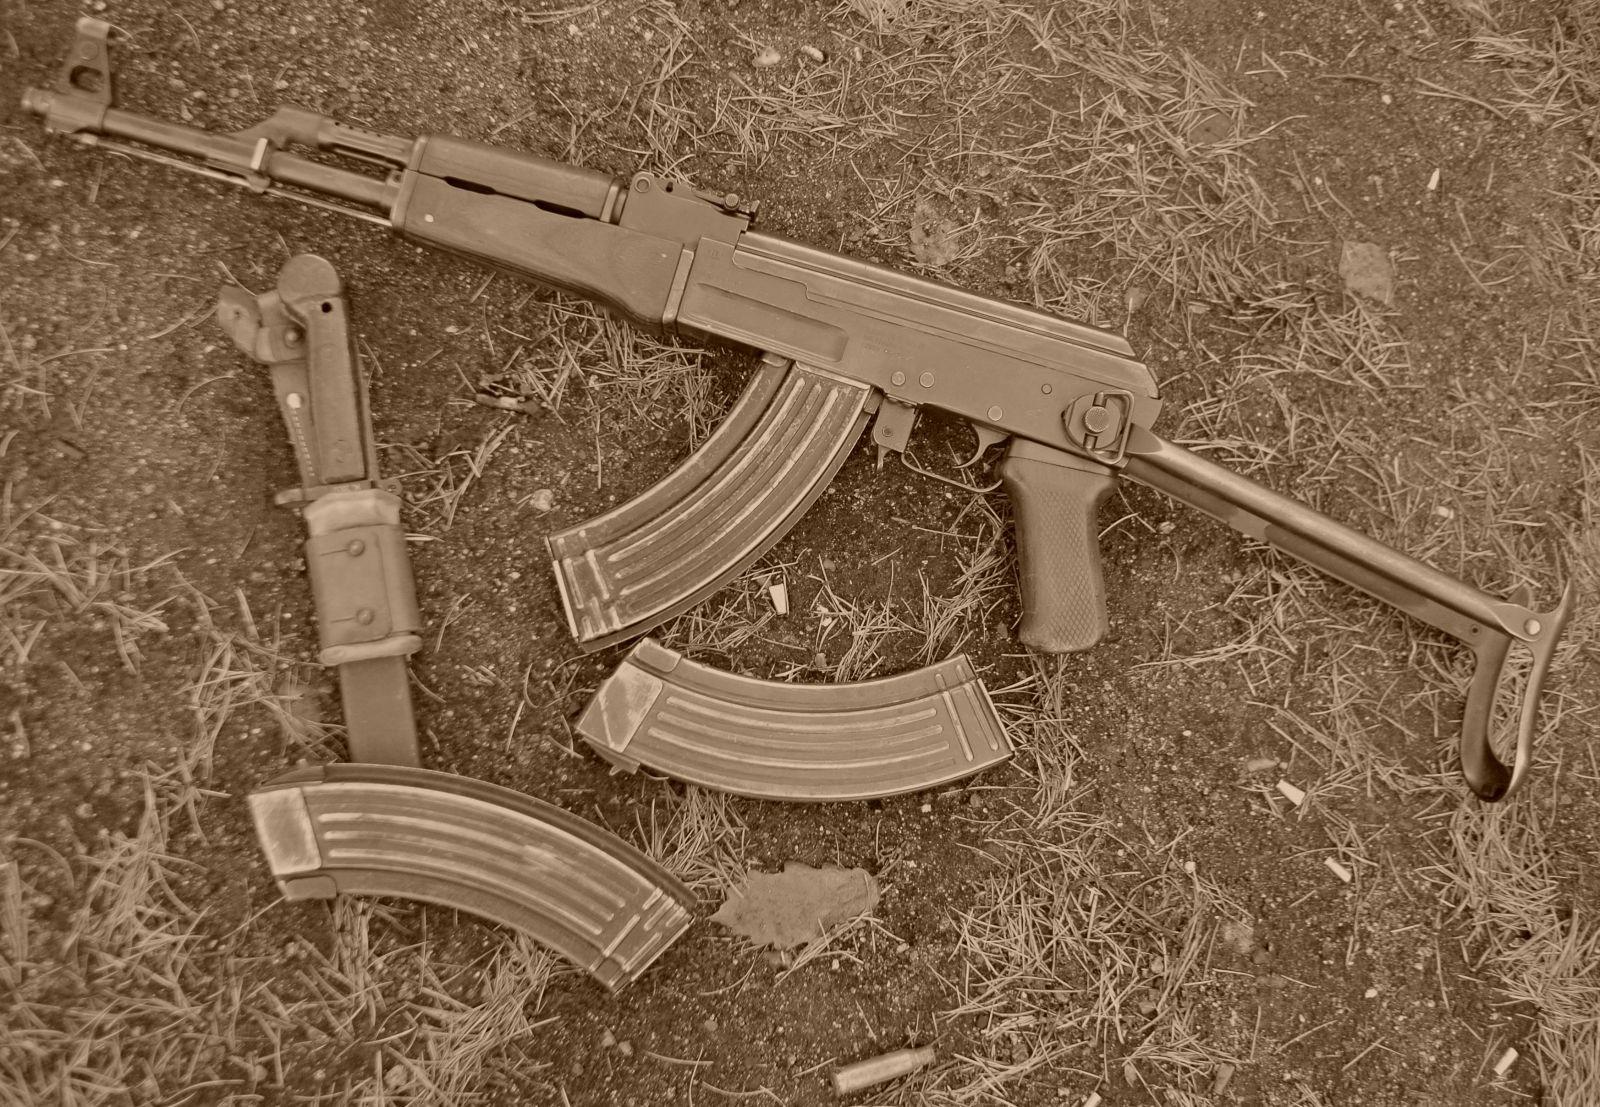 Historie psaná střelným prachem - střílení zážitek, akční střelba